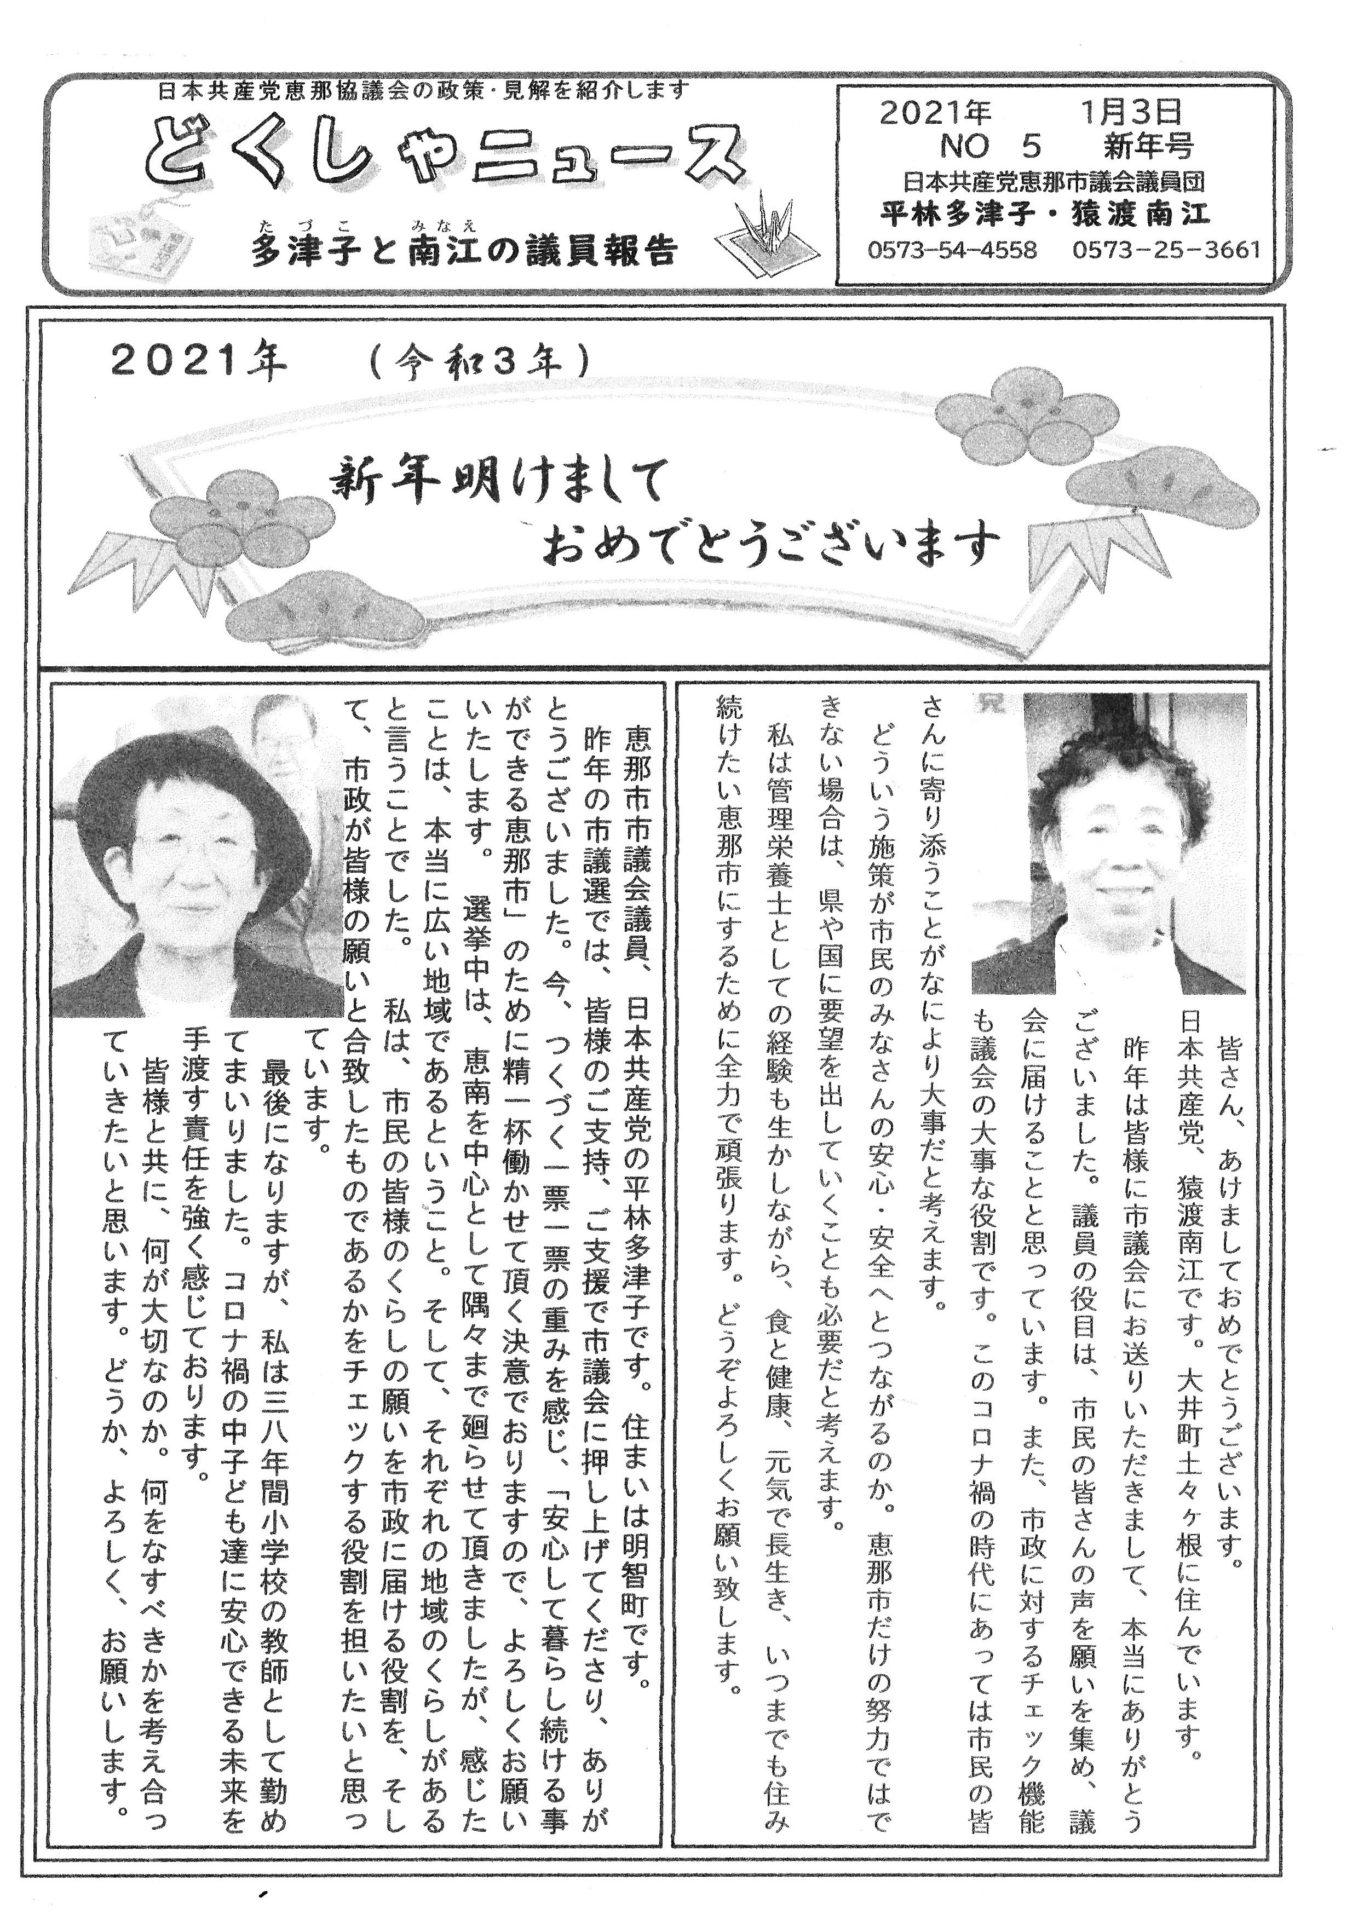 「どくしゃニュース多津子と南江の議員報告」 1月3日号